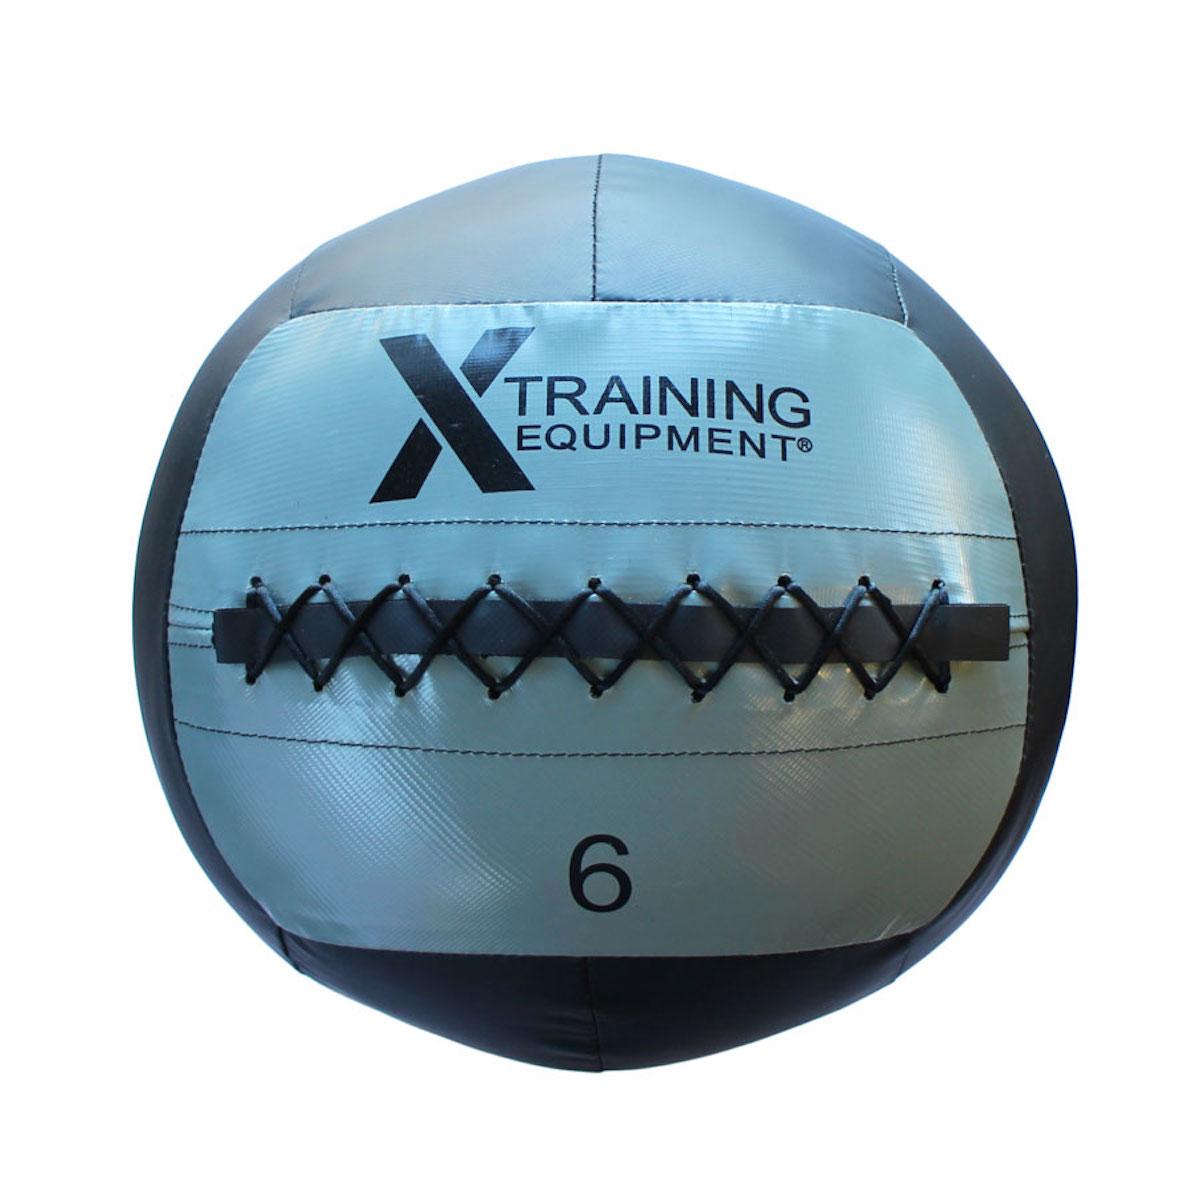 Wall Ball - 6LB - Pre-Order Now - ETA 3/24